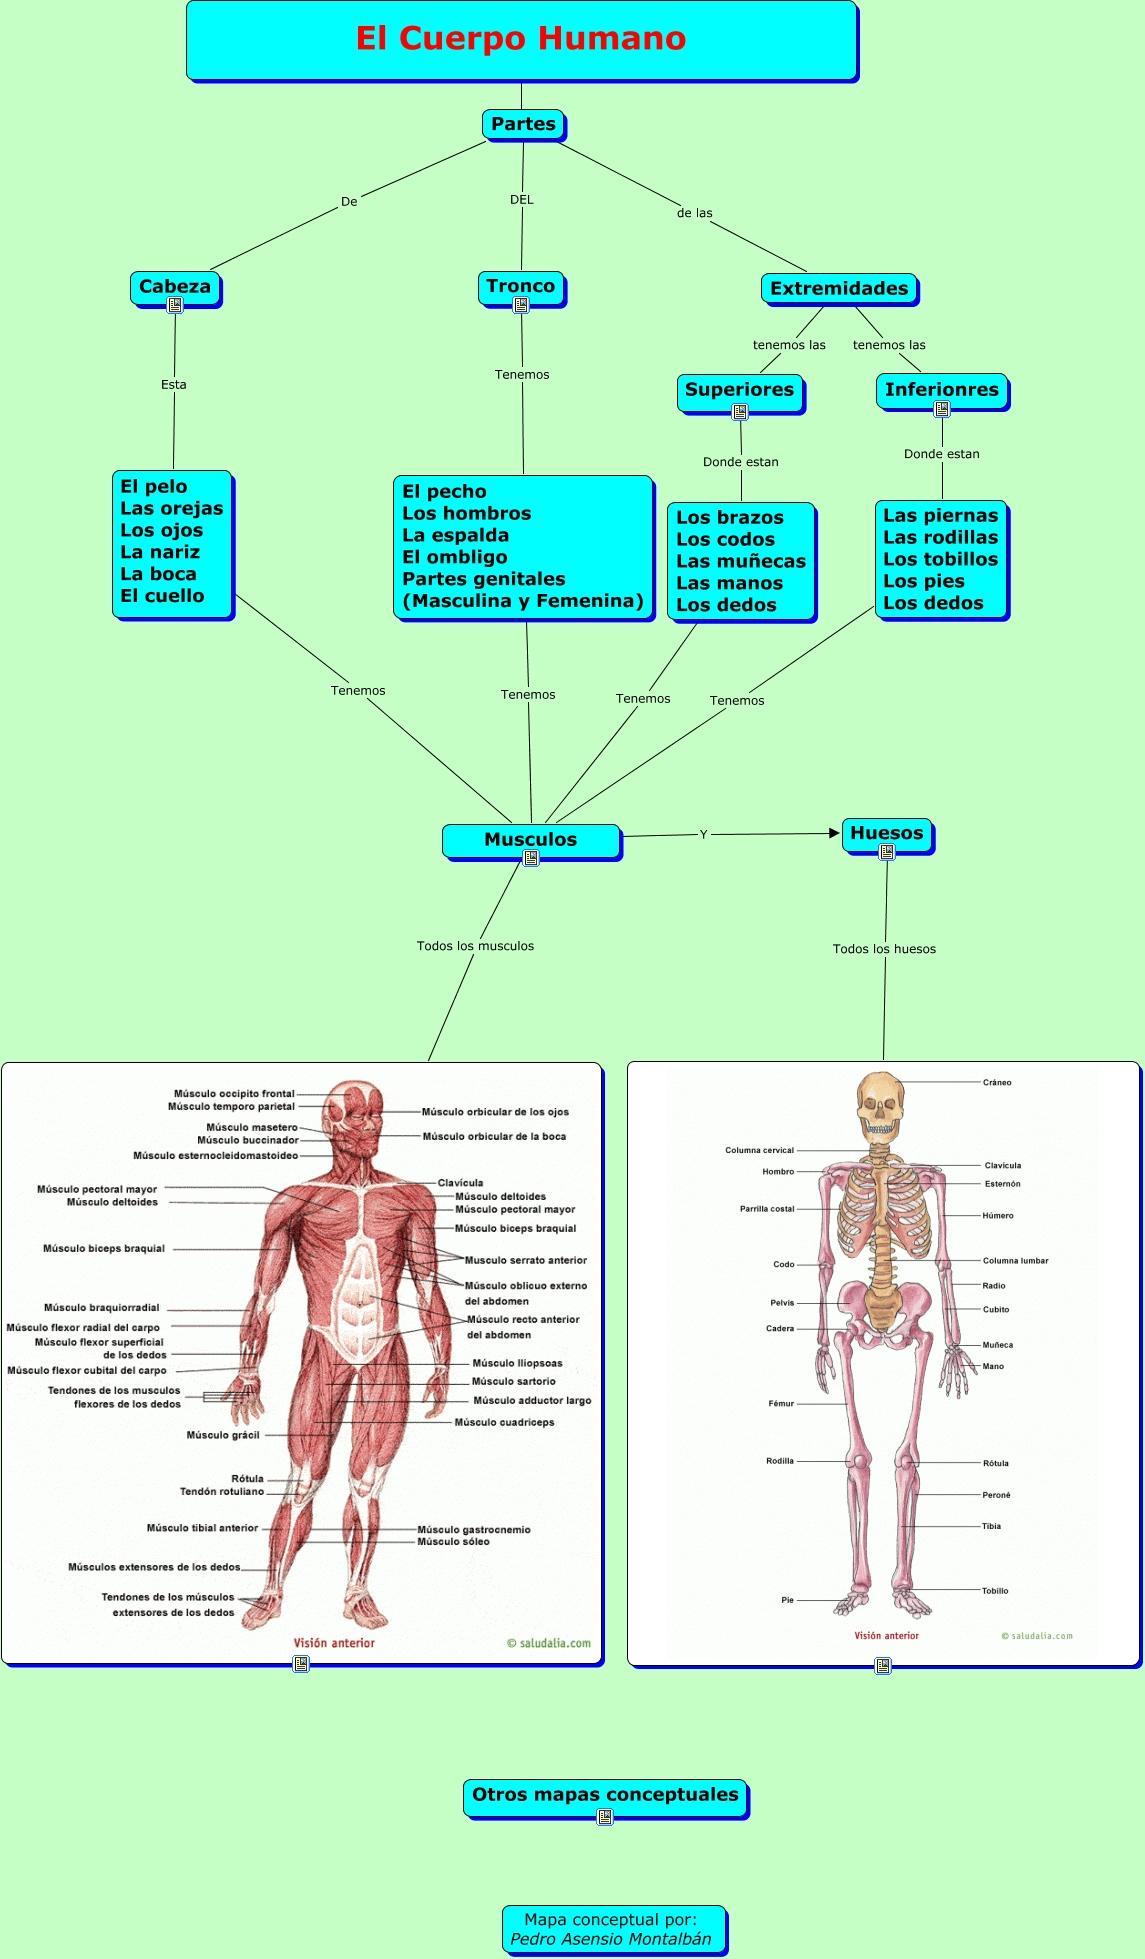 El cuerpo humano - Partes del cuerpo